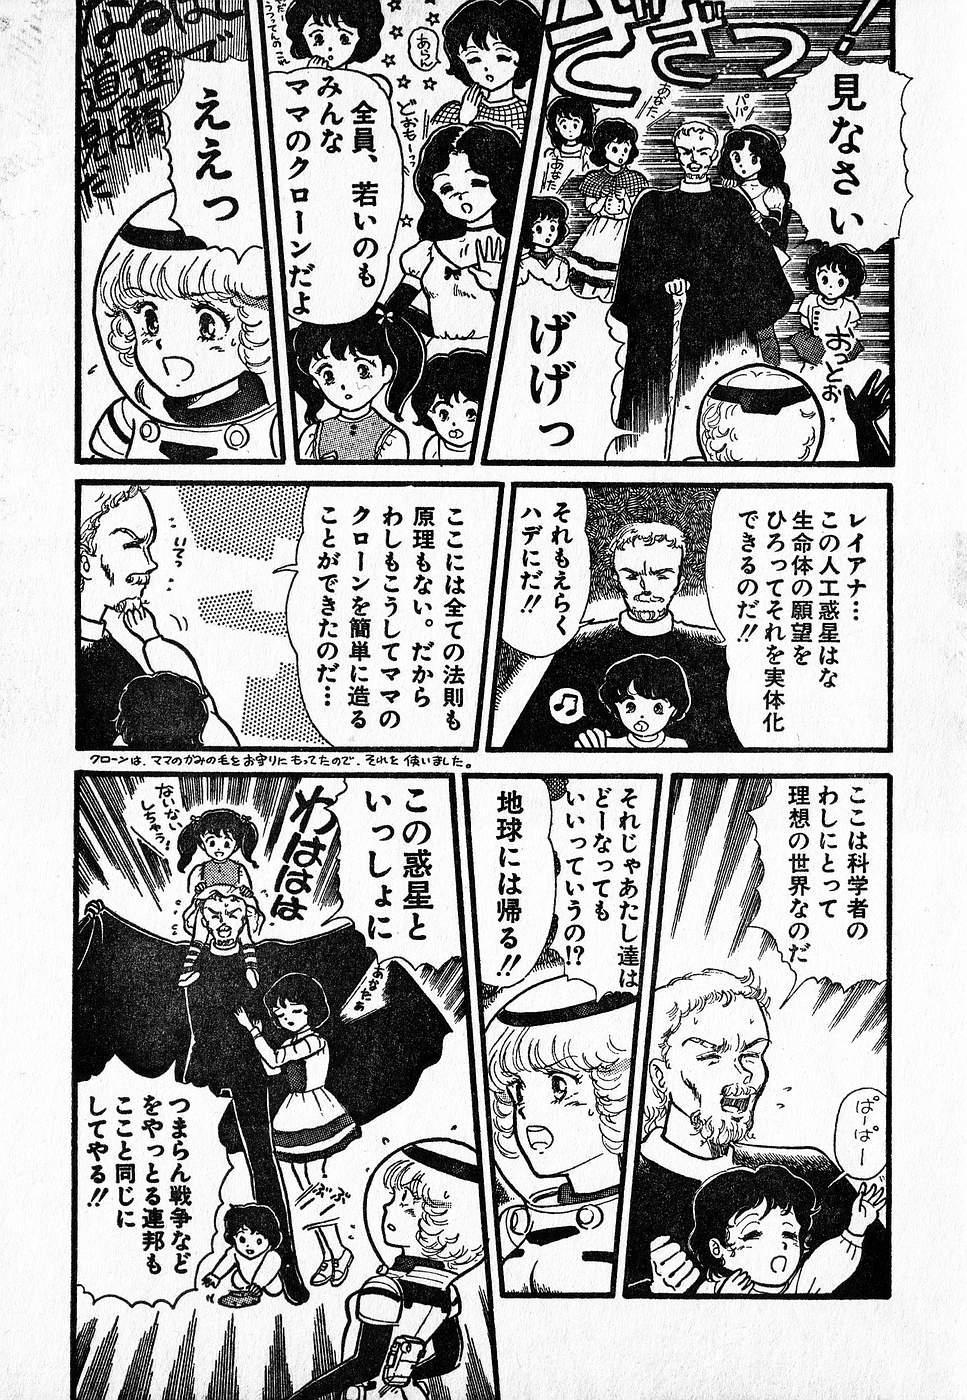 COMIC Lolipop 1985-10 Soukanjunbigou Aki 140